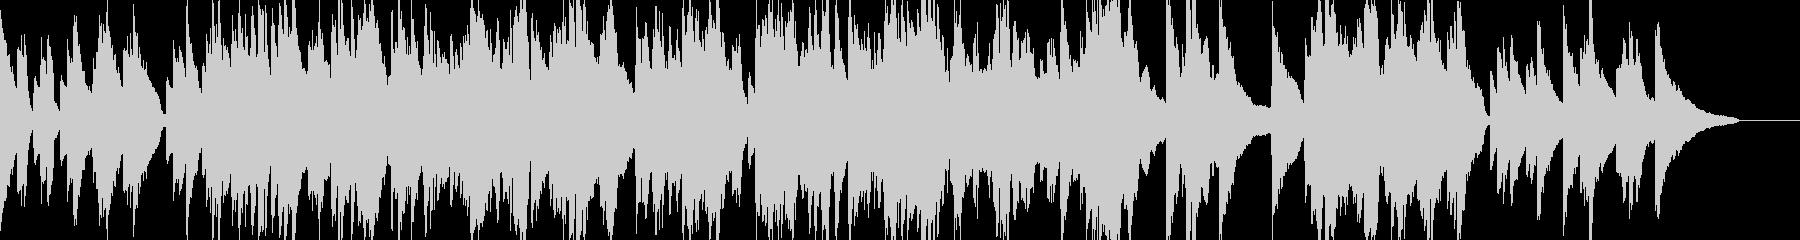 ポップバラード風のピアノインスト曲の未再生の波形